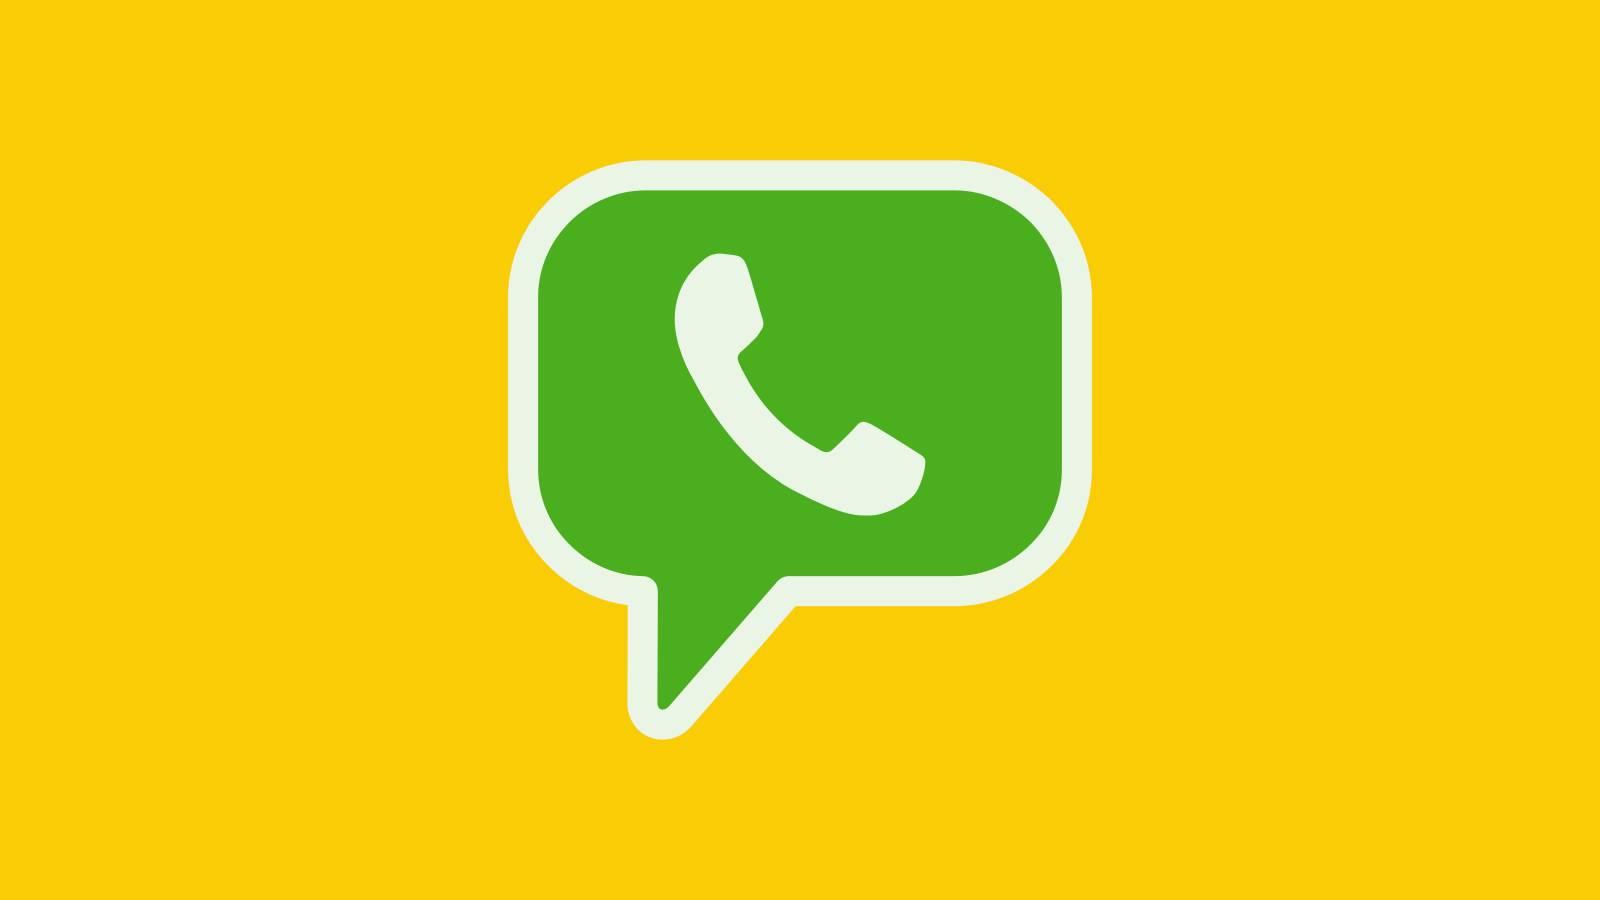 WhatsApp problea goneste oameni signal telegram